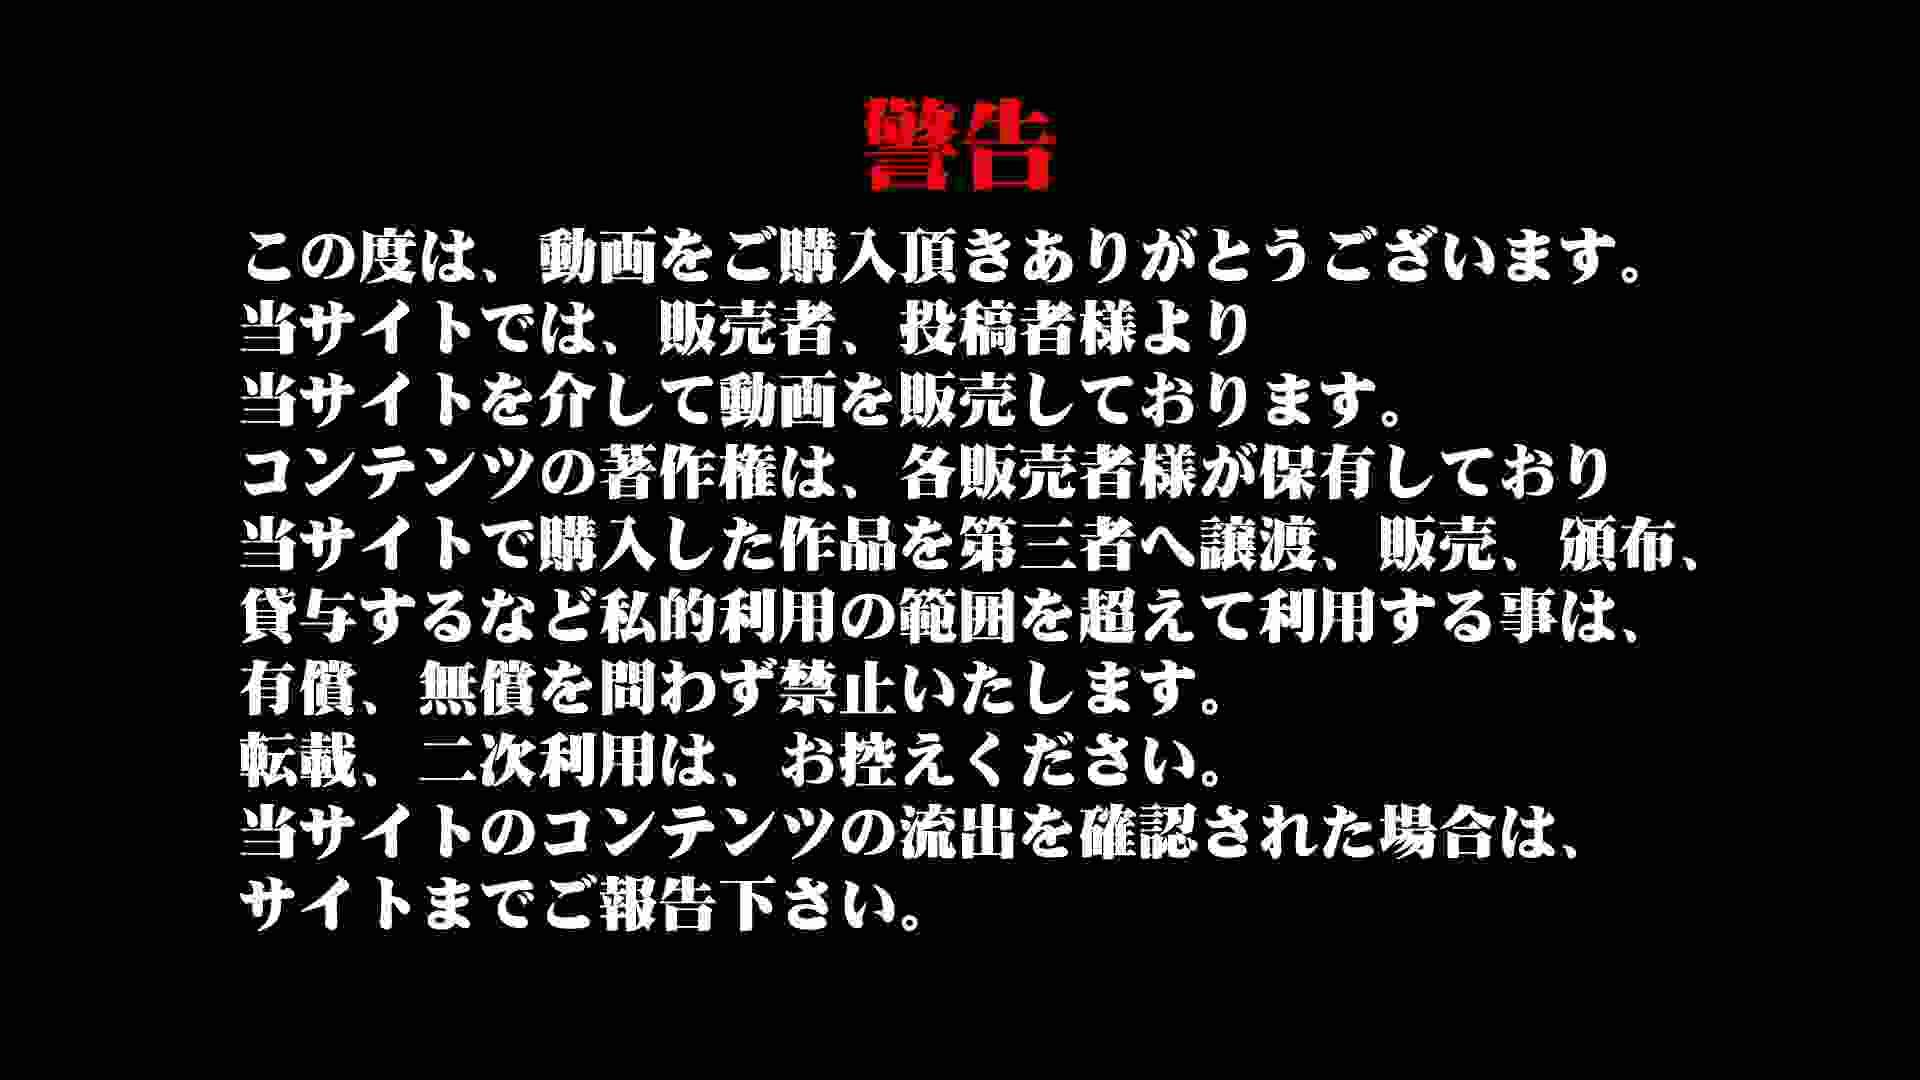 ギャルのツルピカ潜入盗撮!Vol.07 リアルうんこ | ギャル盗撮映像  104PIX 1